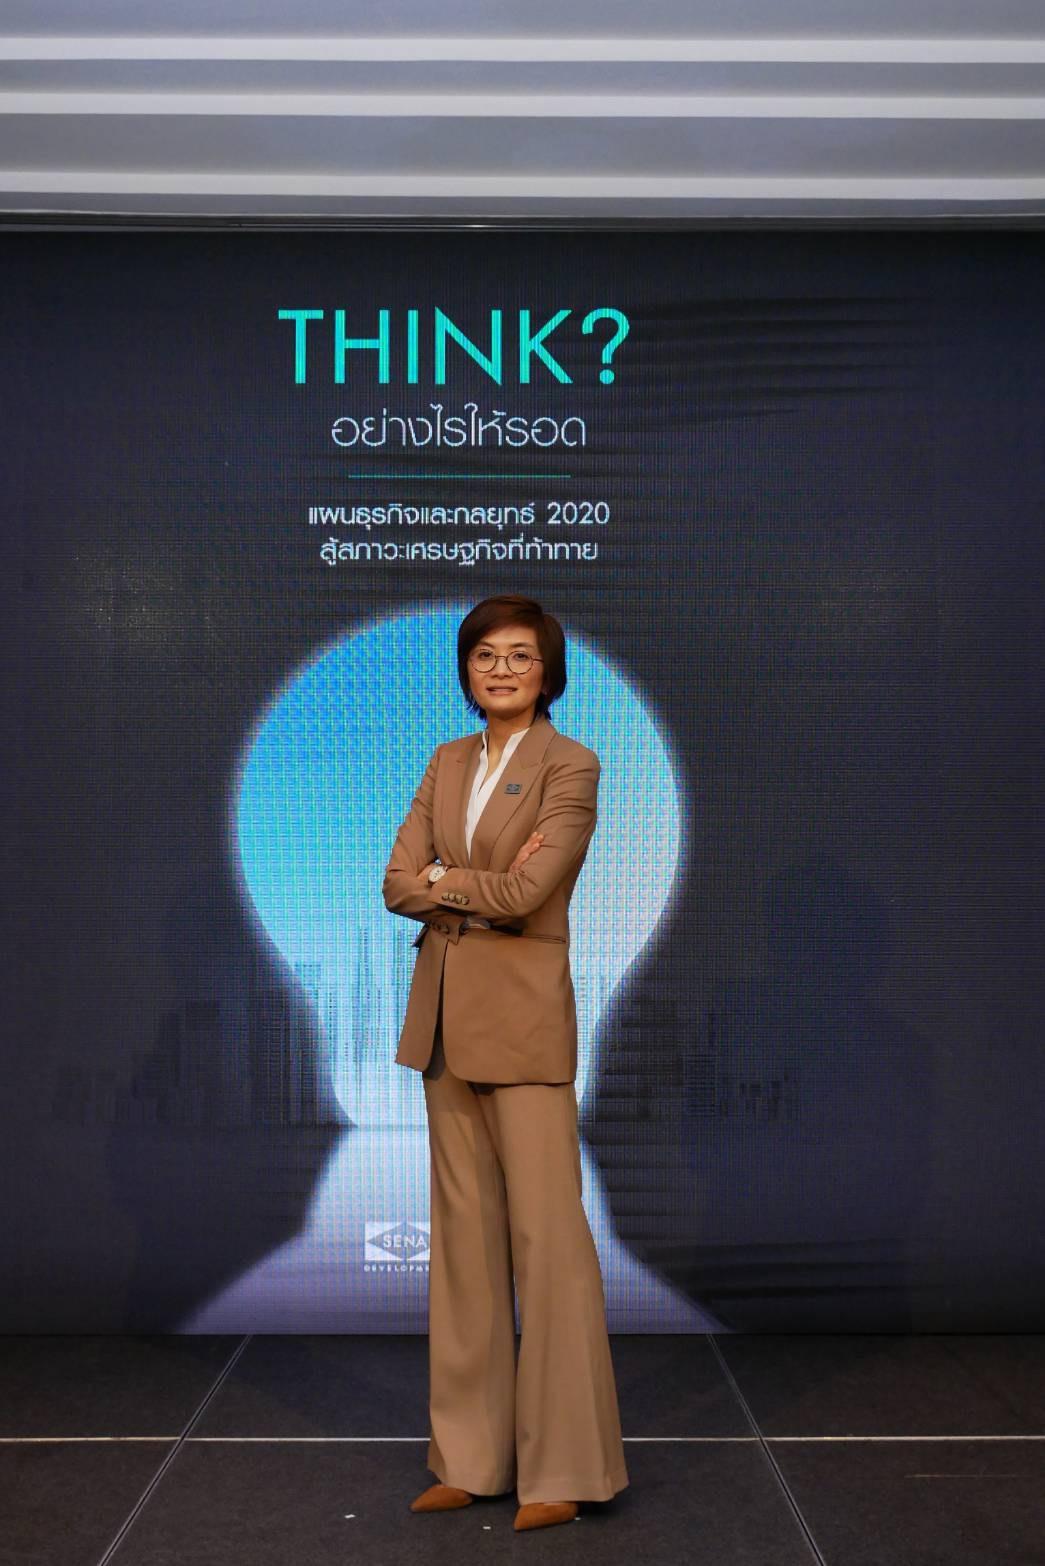 SENA ปรับกลยุทธ์ตลาดอสังหาฯ ลุยเปิด 10 โครงการขยายพอร์ตแนวราบ